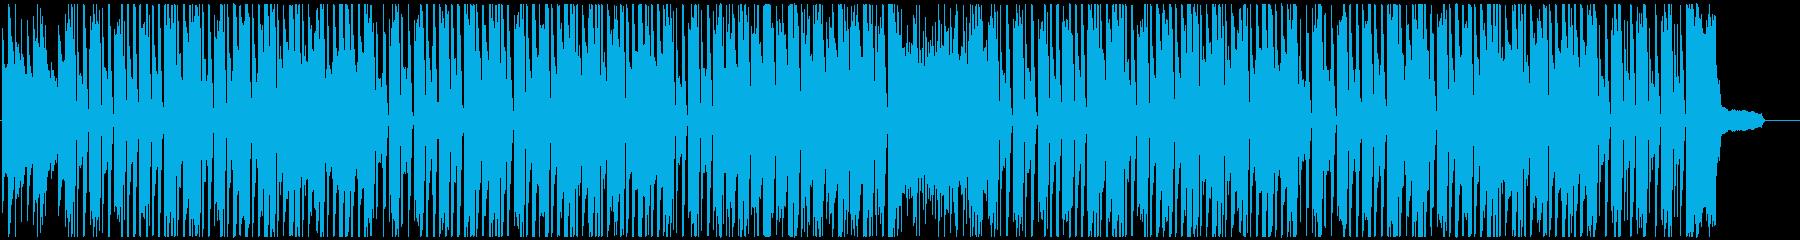 気の抜けた感じのかわいいBGMの再生済みの波形